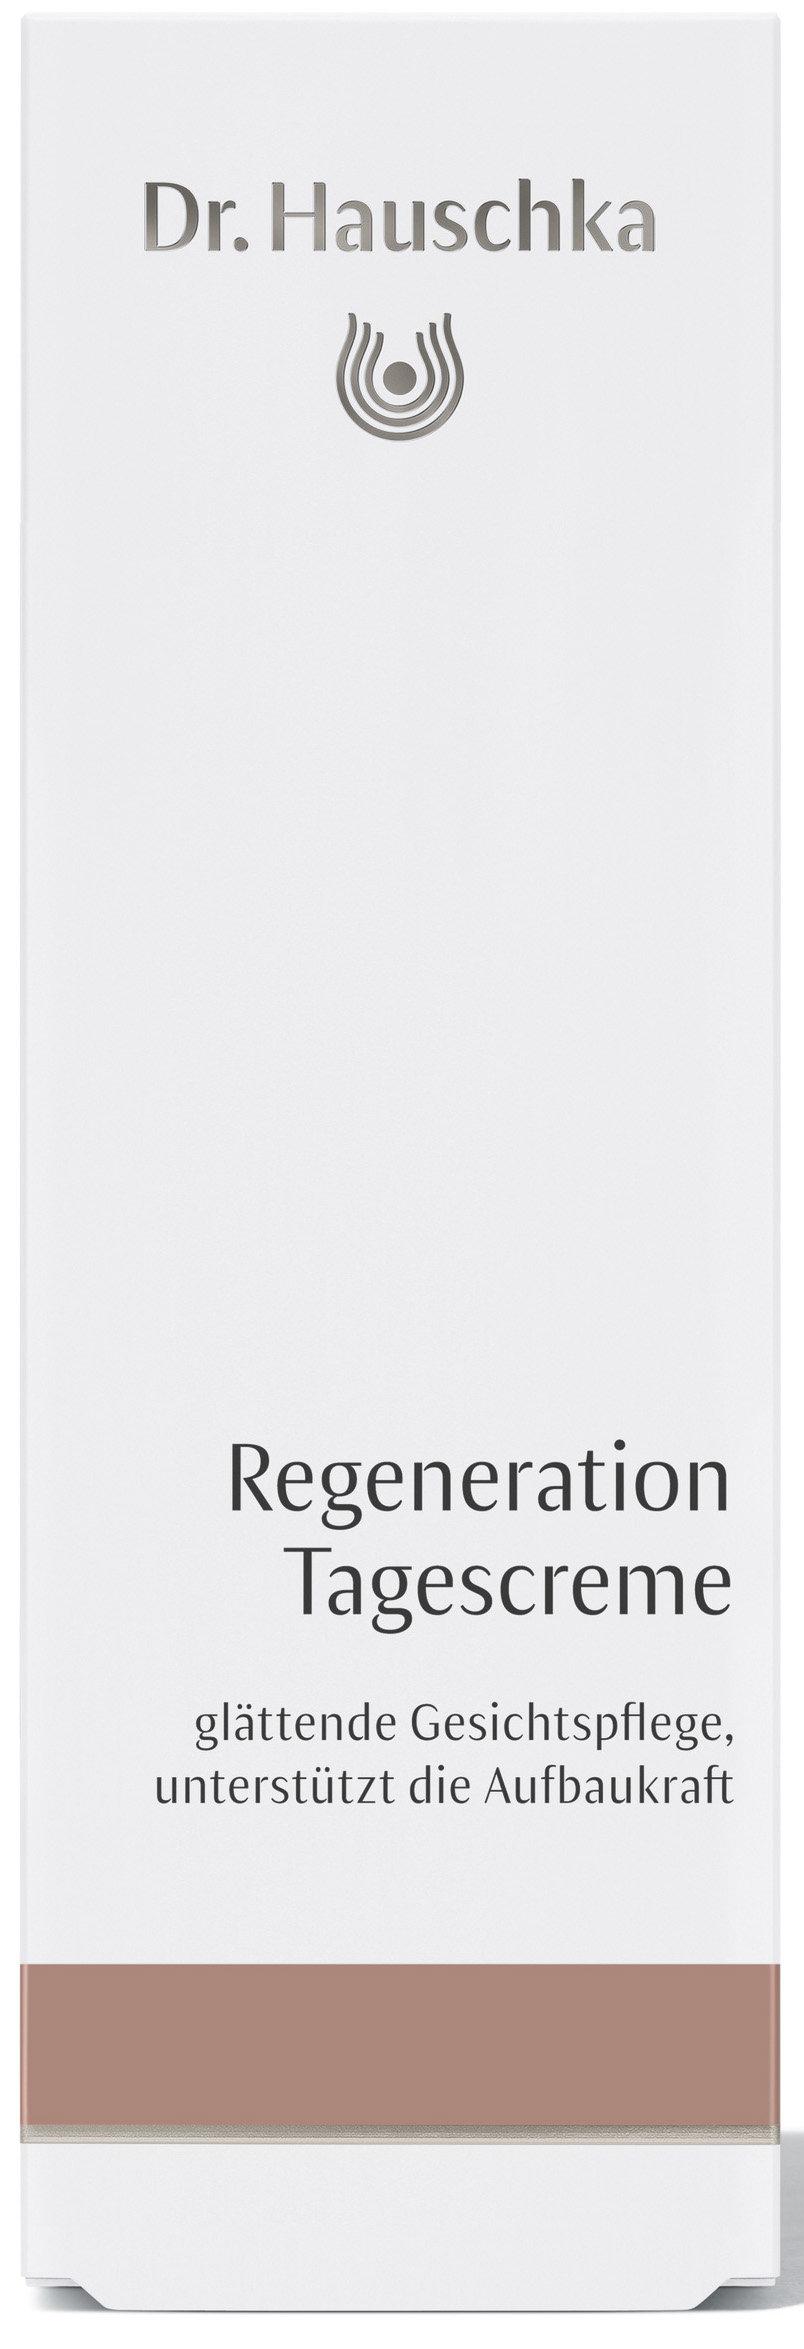 regeneration tagescreme regenerations pflege dr. Black Bedroom Furniture Sets. Home Design Ideas